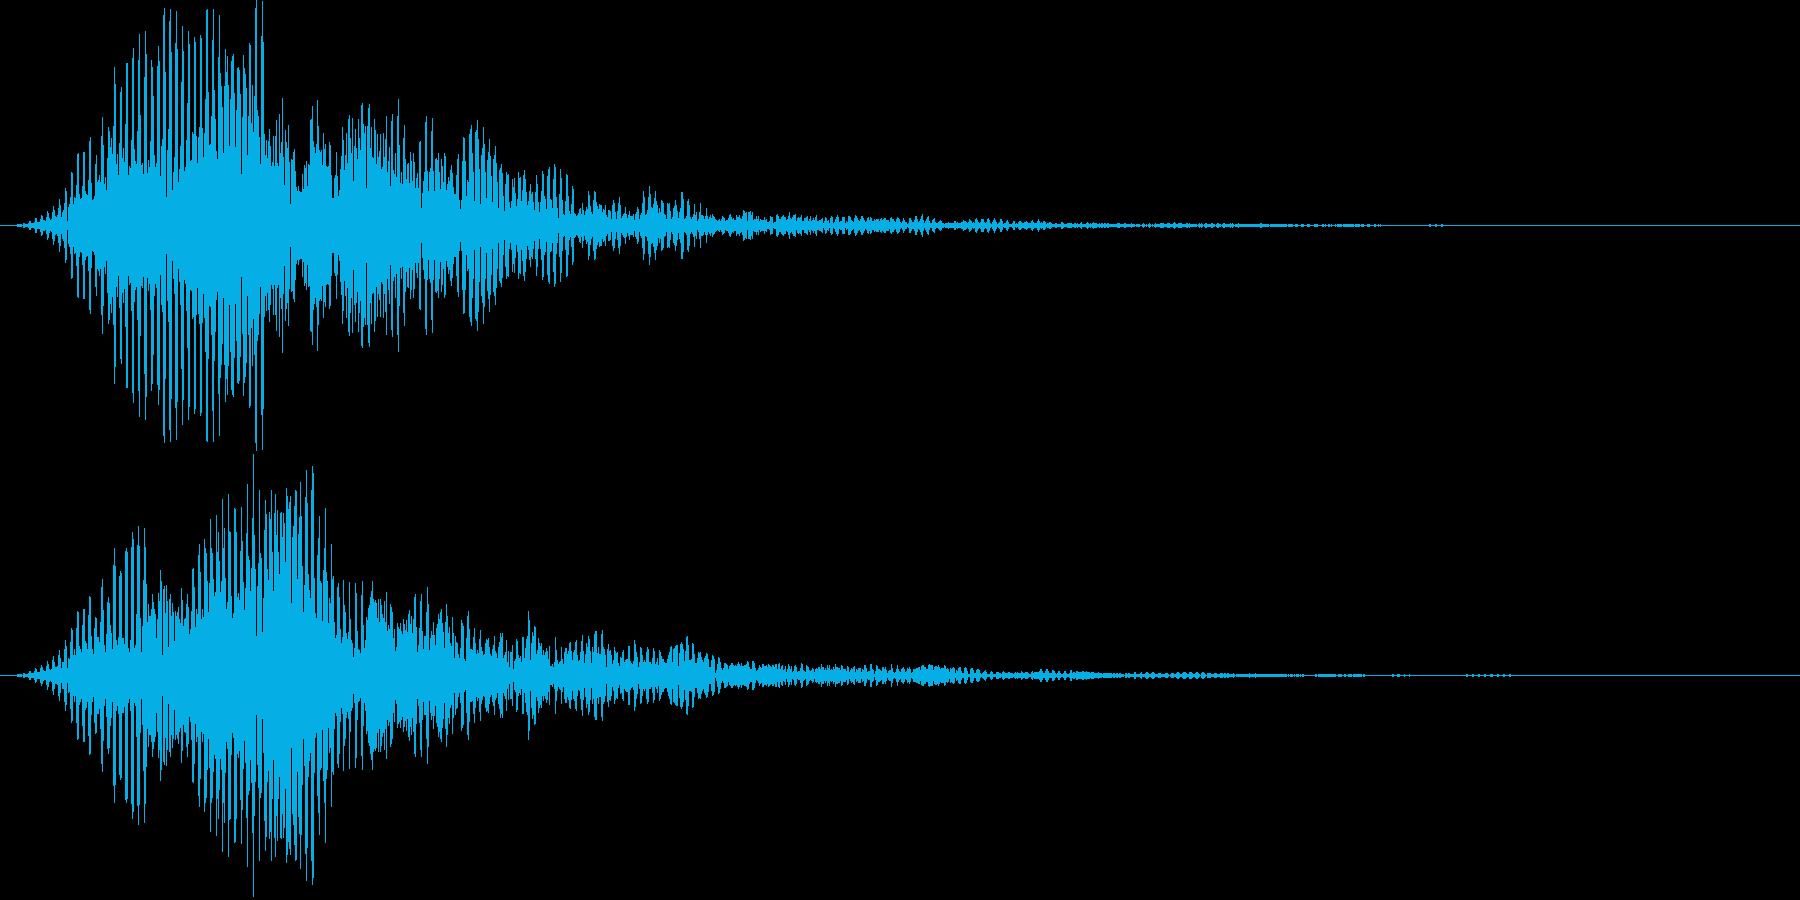 ロボット AI アンドロイド風 音の再生済みの波形